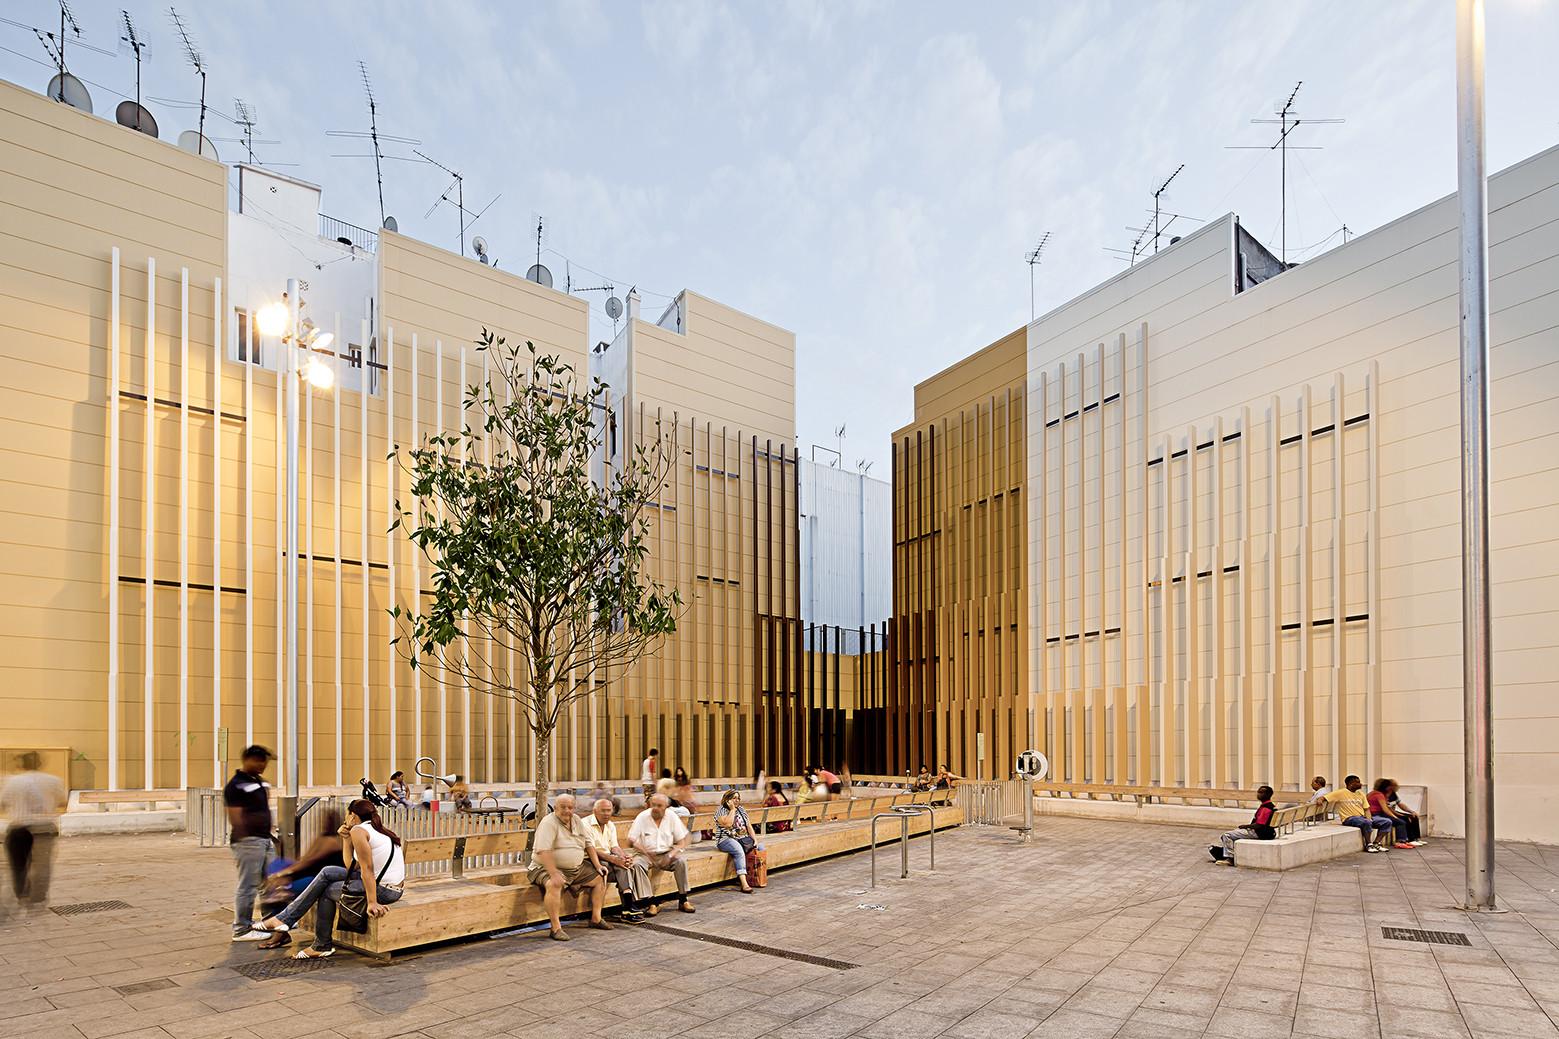 Ampliación de la plaza Espanyola / Noemí Martínez, © Adrià Goula